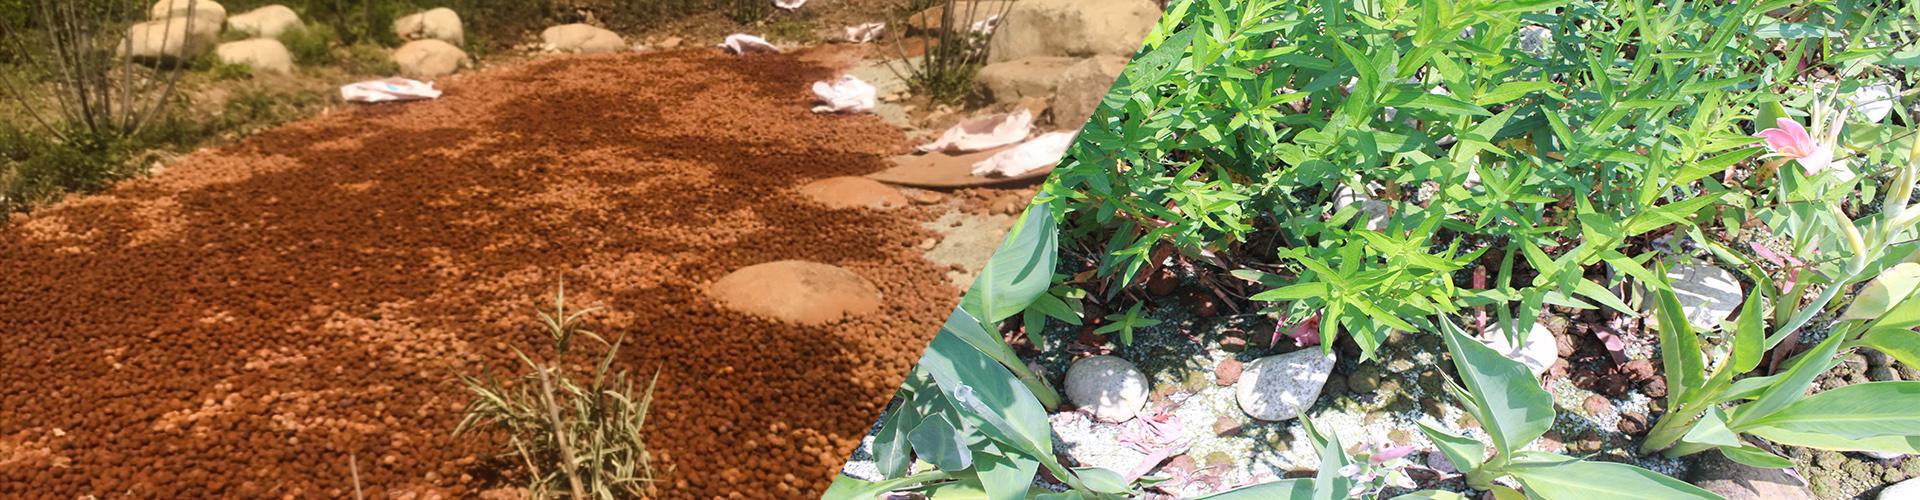 武汉倒口湖公园项目:蓄水陶土多孔特性有出色净水效果